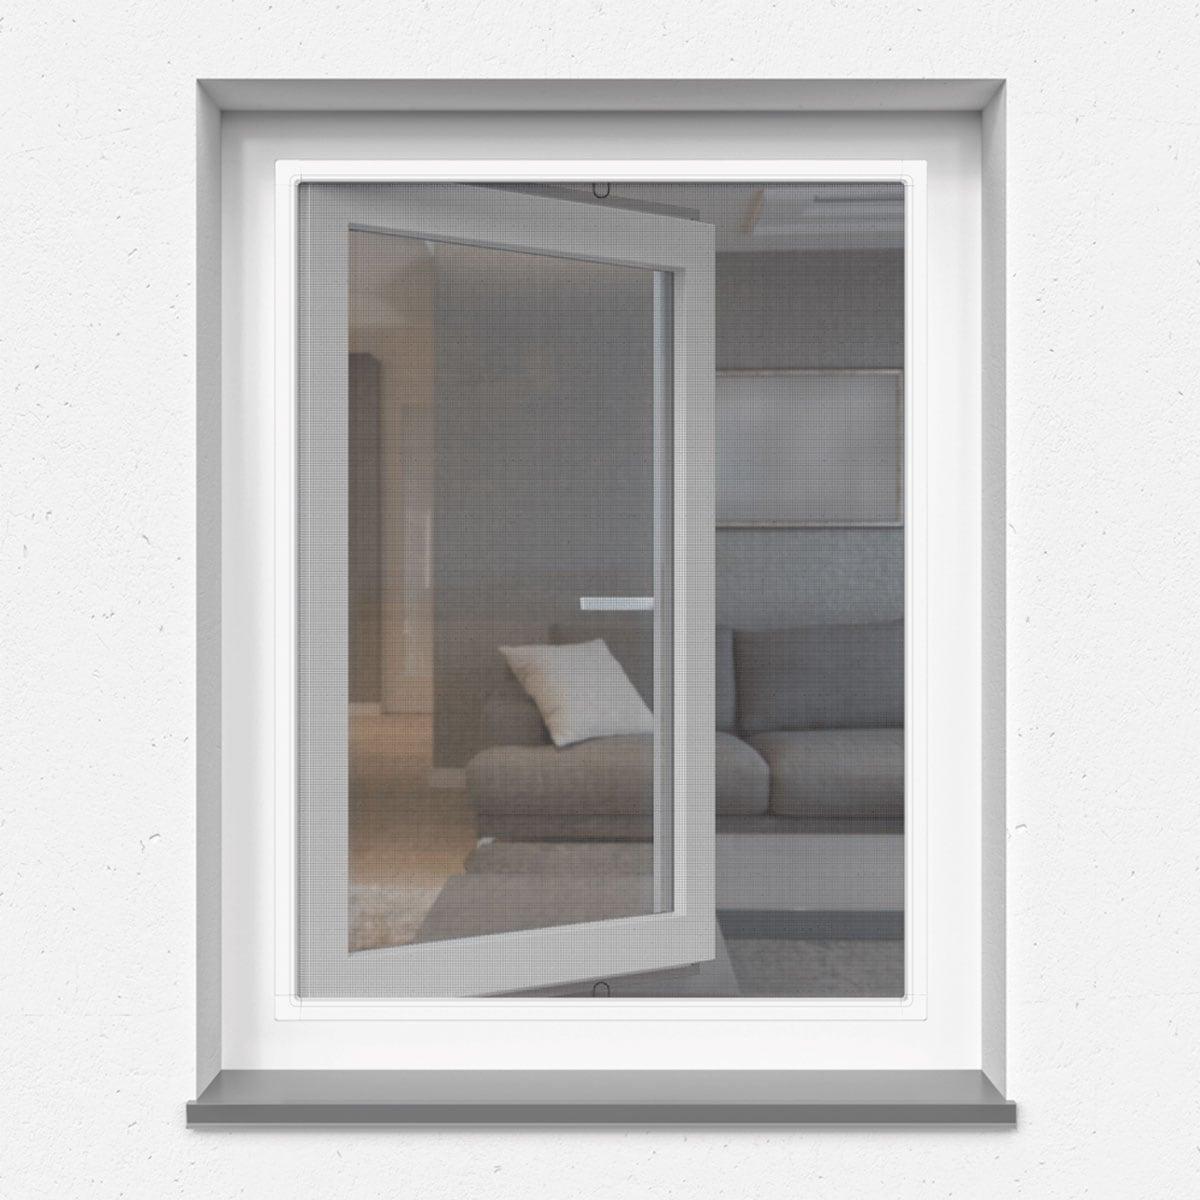 Dachfenster Mckenschutz. Simple Gallery Of Heim U Haus U In ...